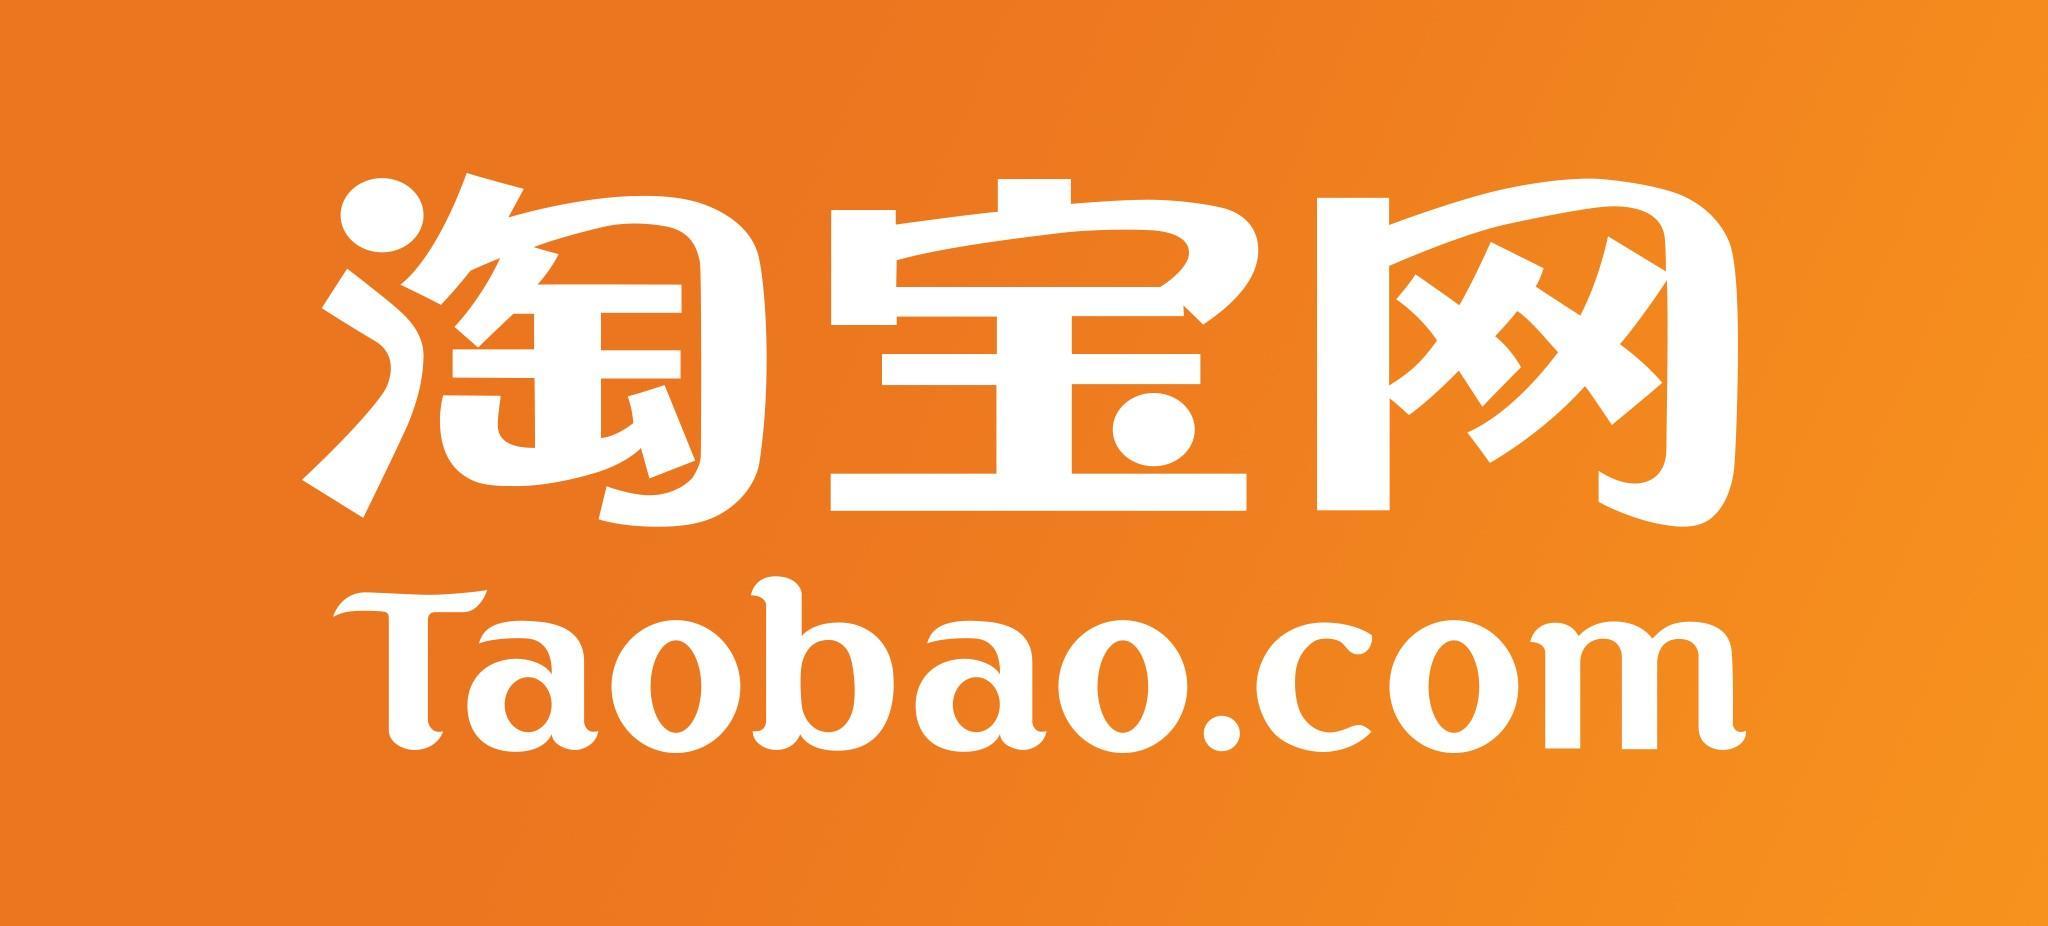 Как заказывать вещи с Таобао без посредников и регистрации